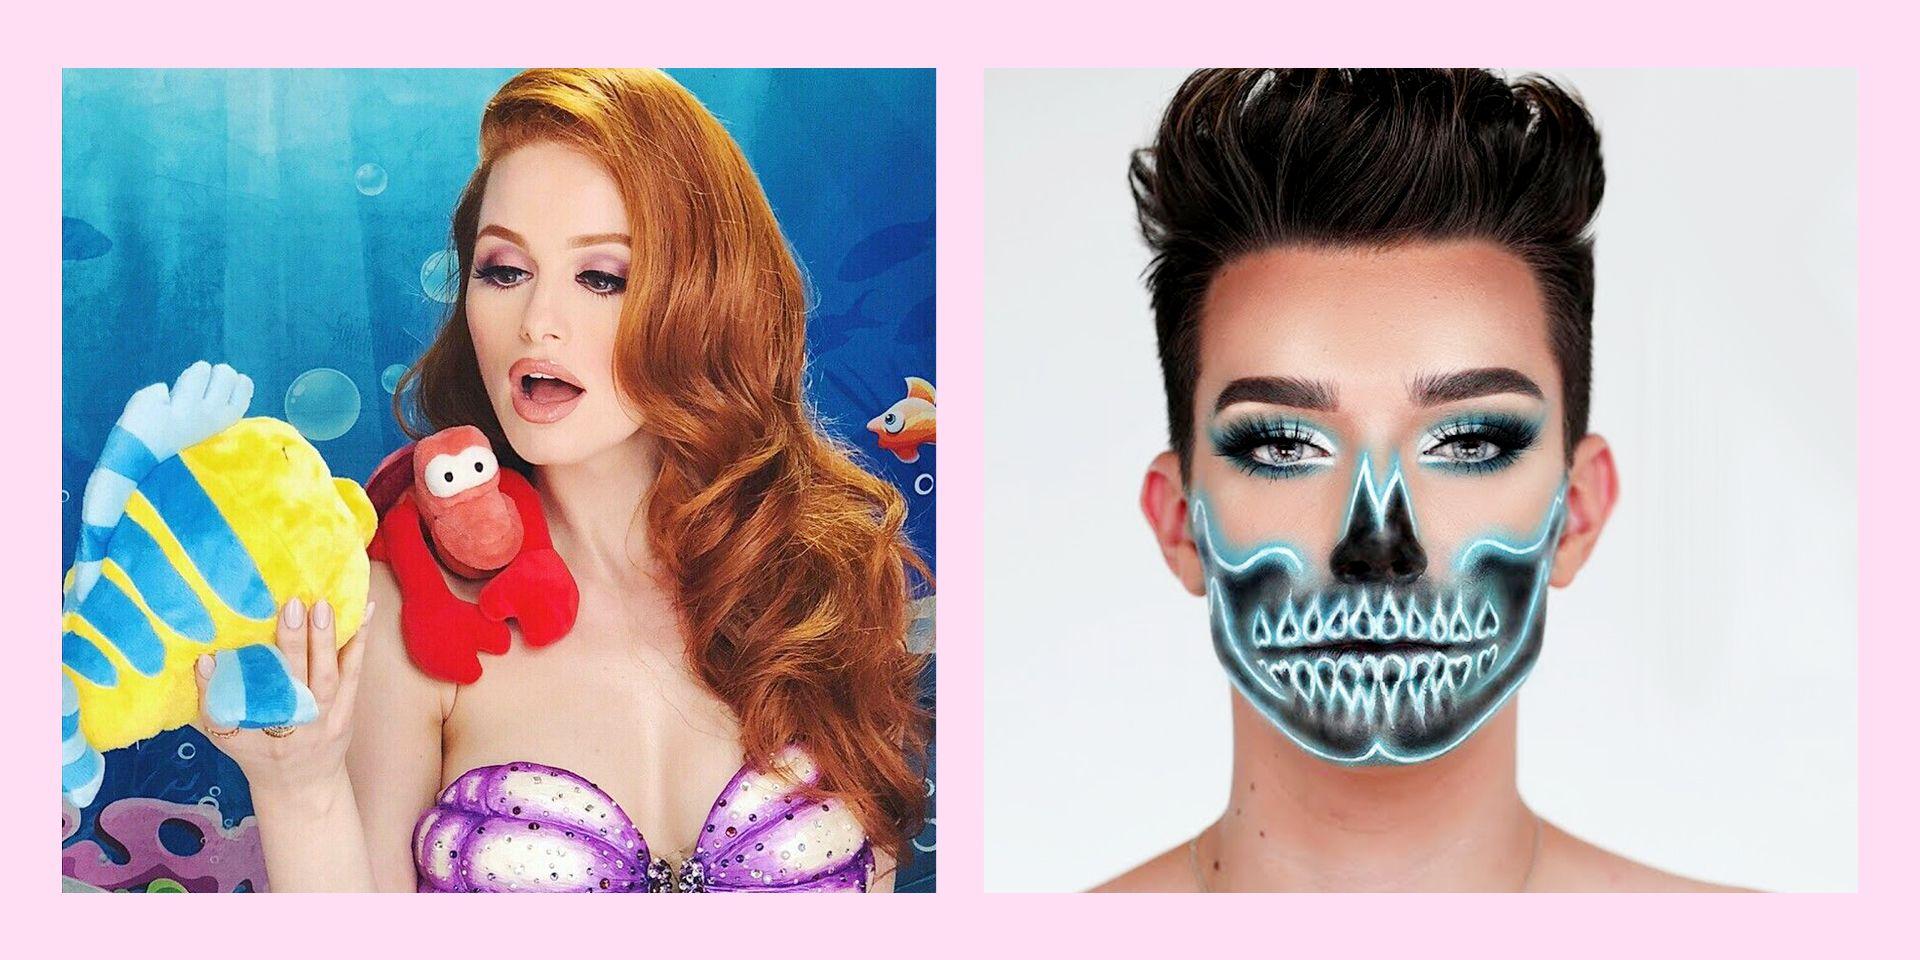 20 Best Halloween Makeup Tutorials \u2013 Halloween Makeup Ideas 2019